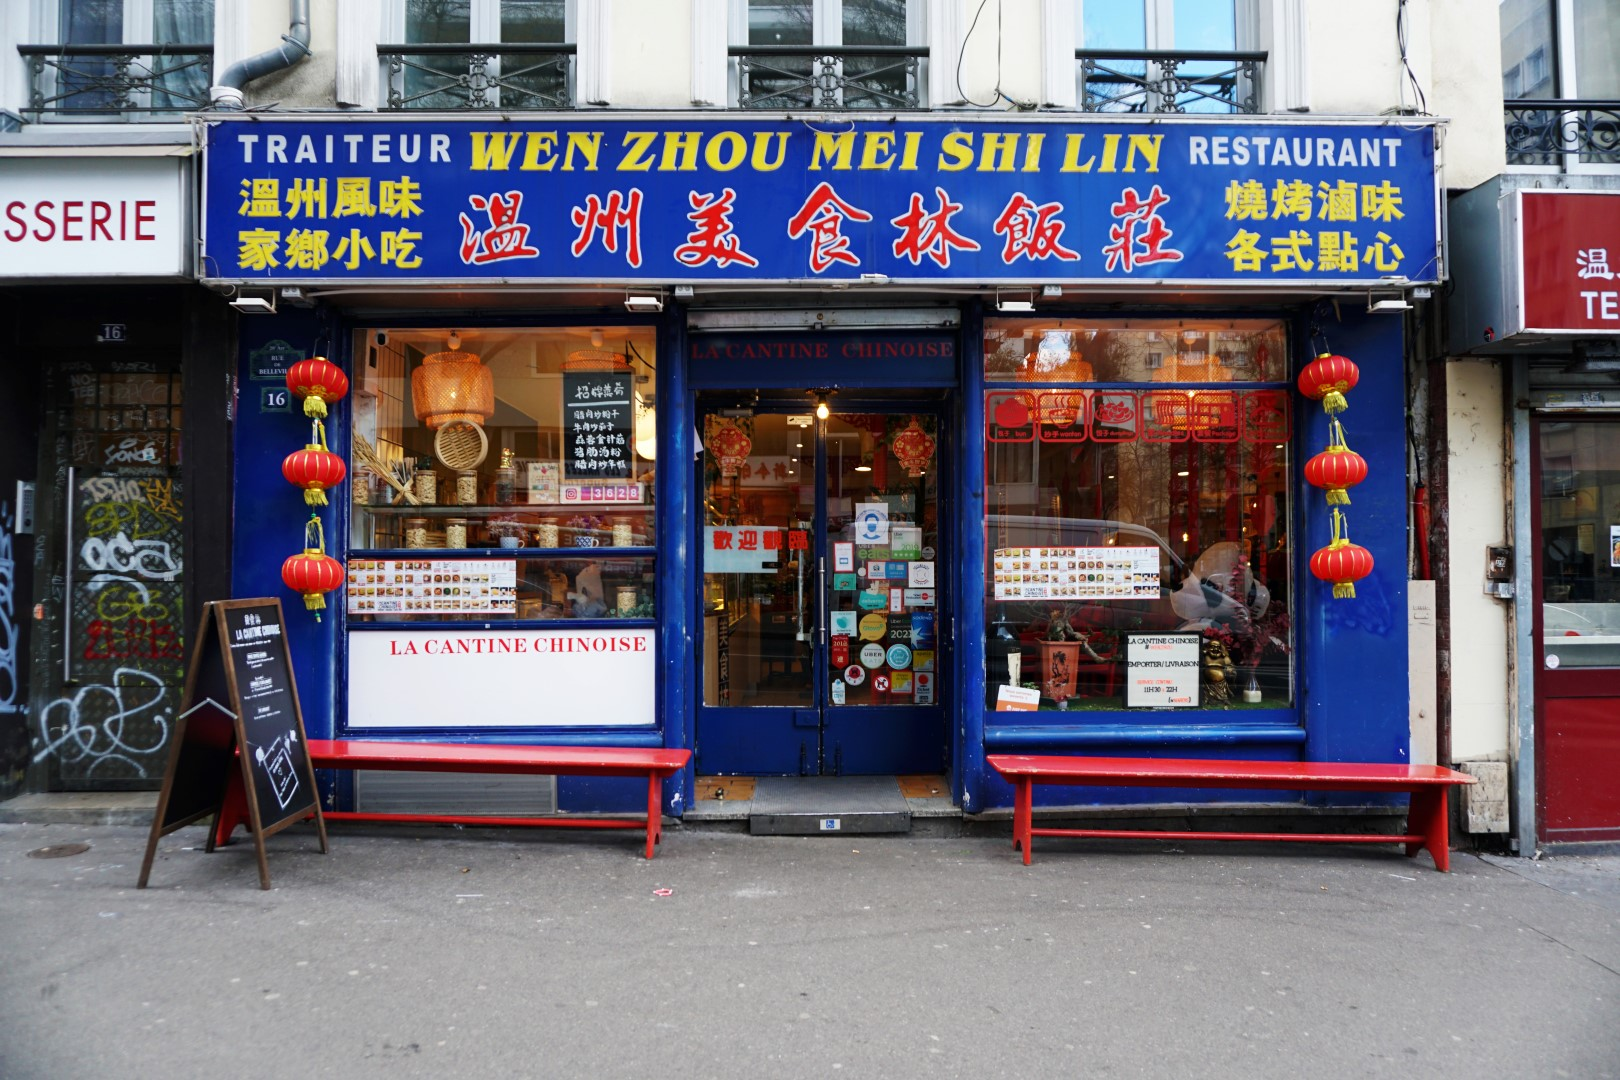 Balade le long de la rue de Belleville - Restaurant asiatique